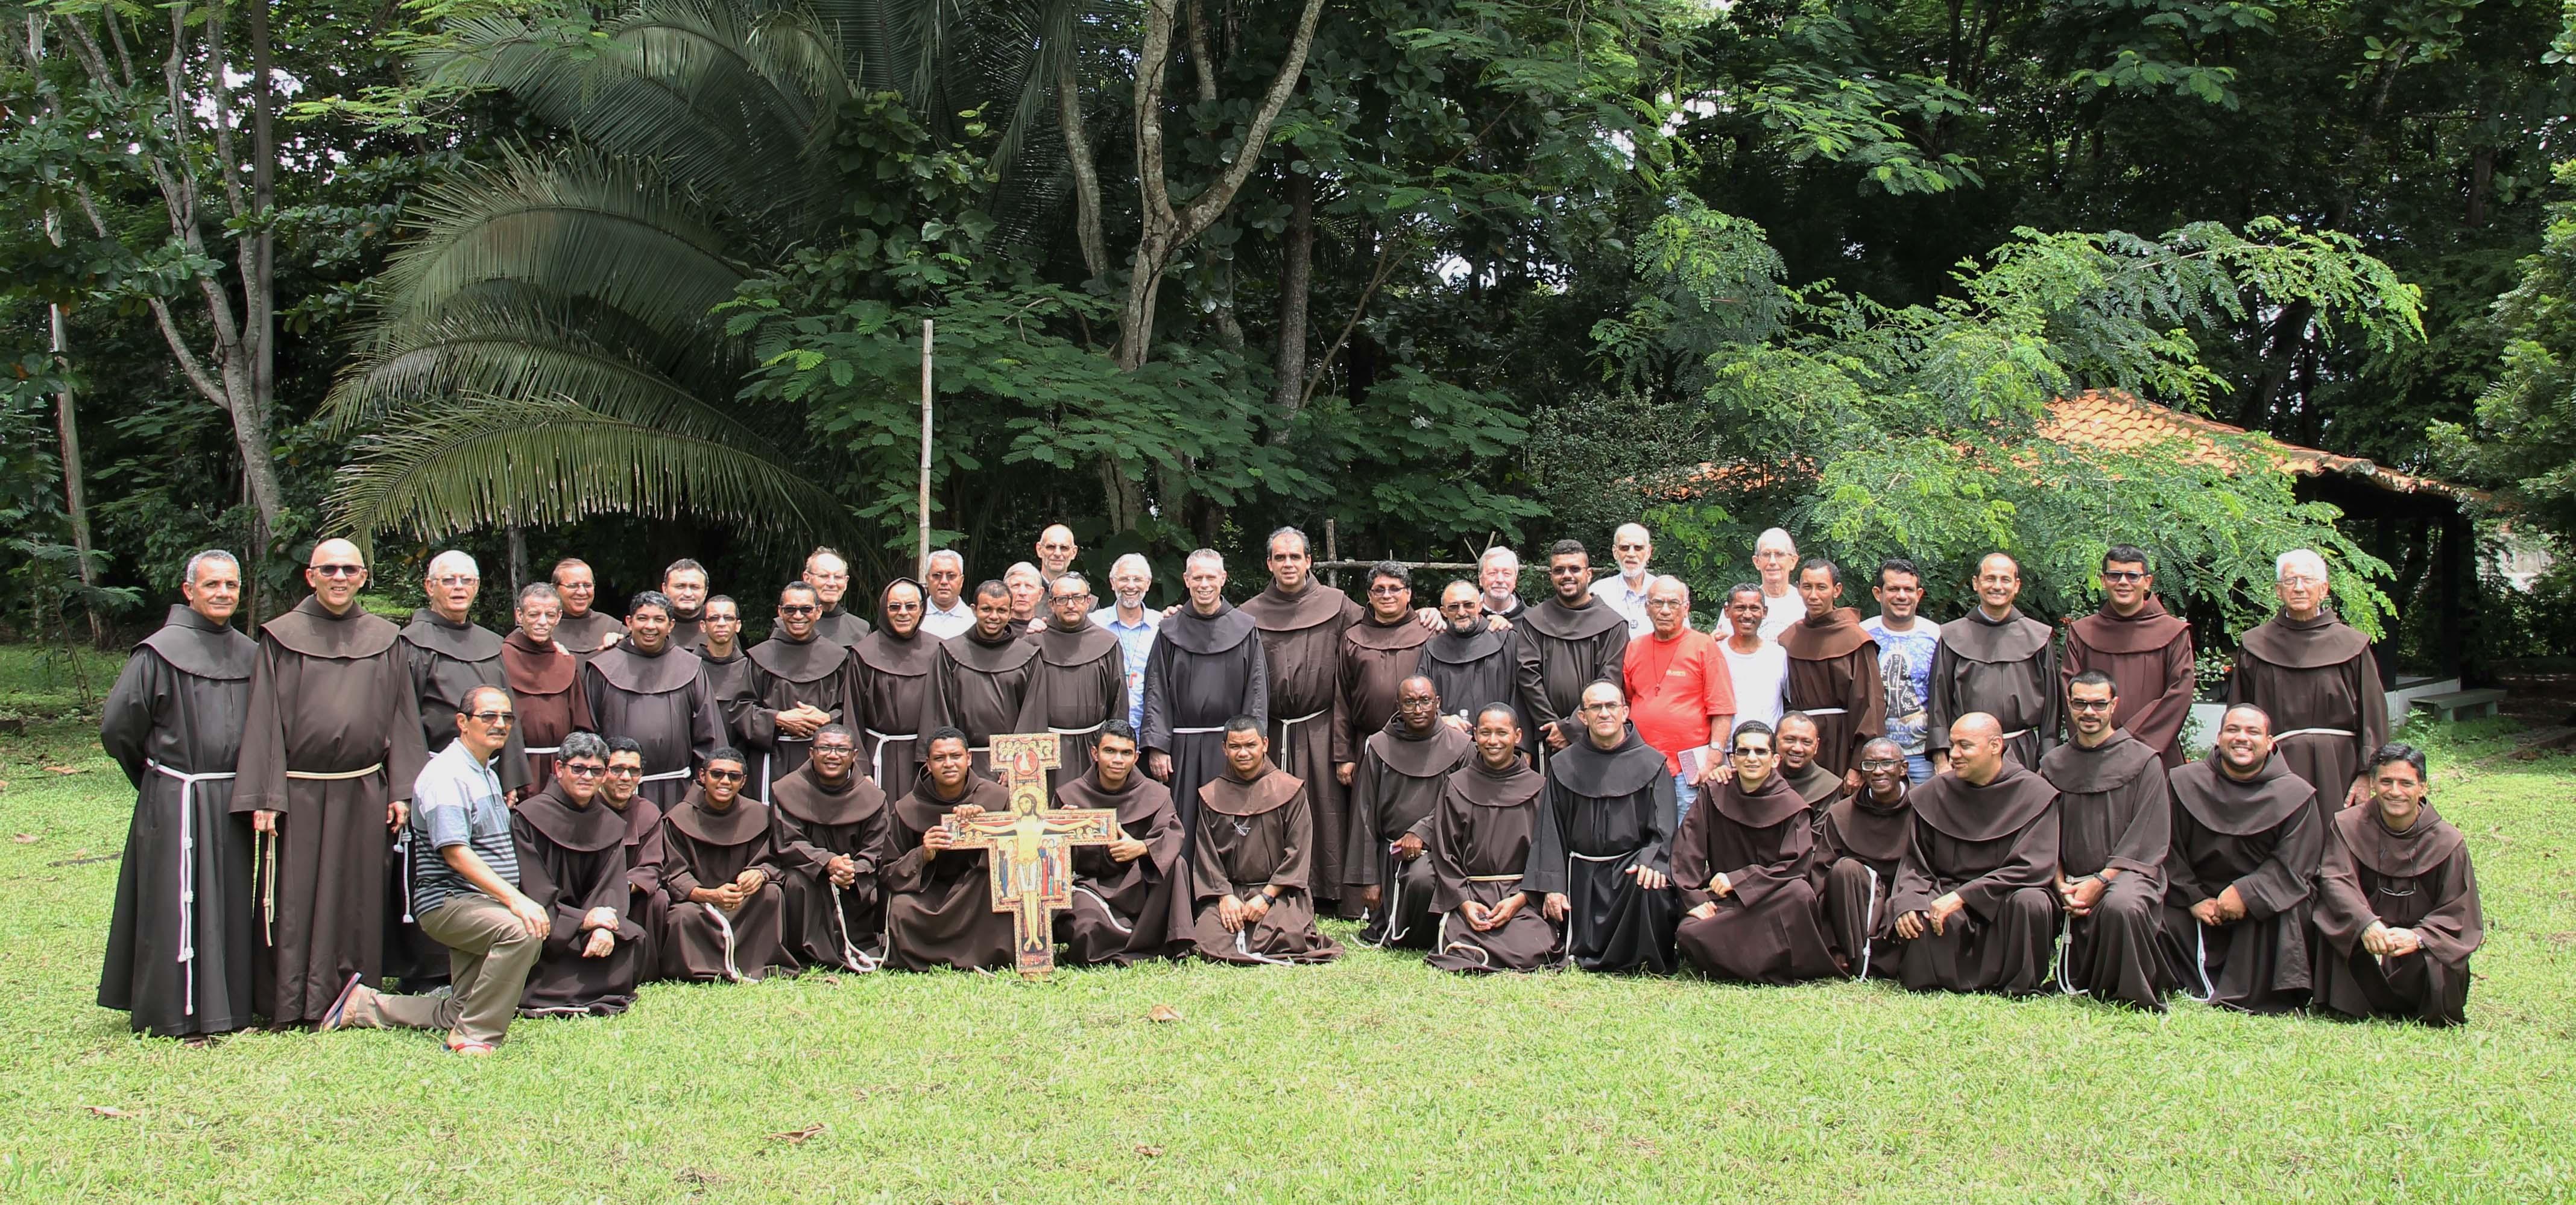 Visita do Ministro Geral à Província Franciscana de Nossa Senhora da Assunção